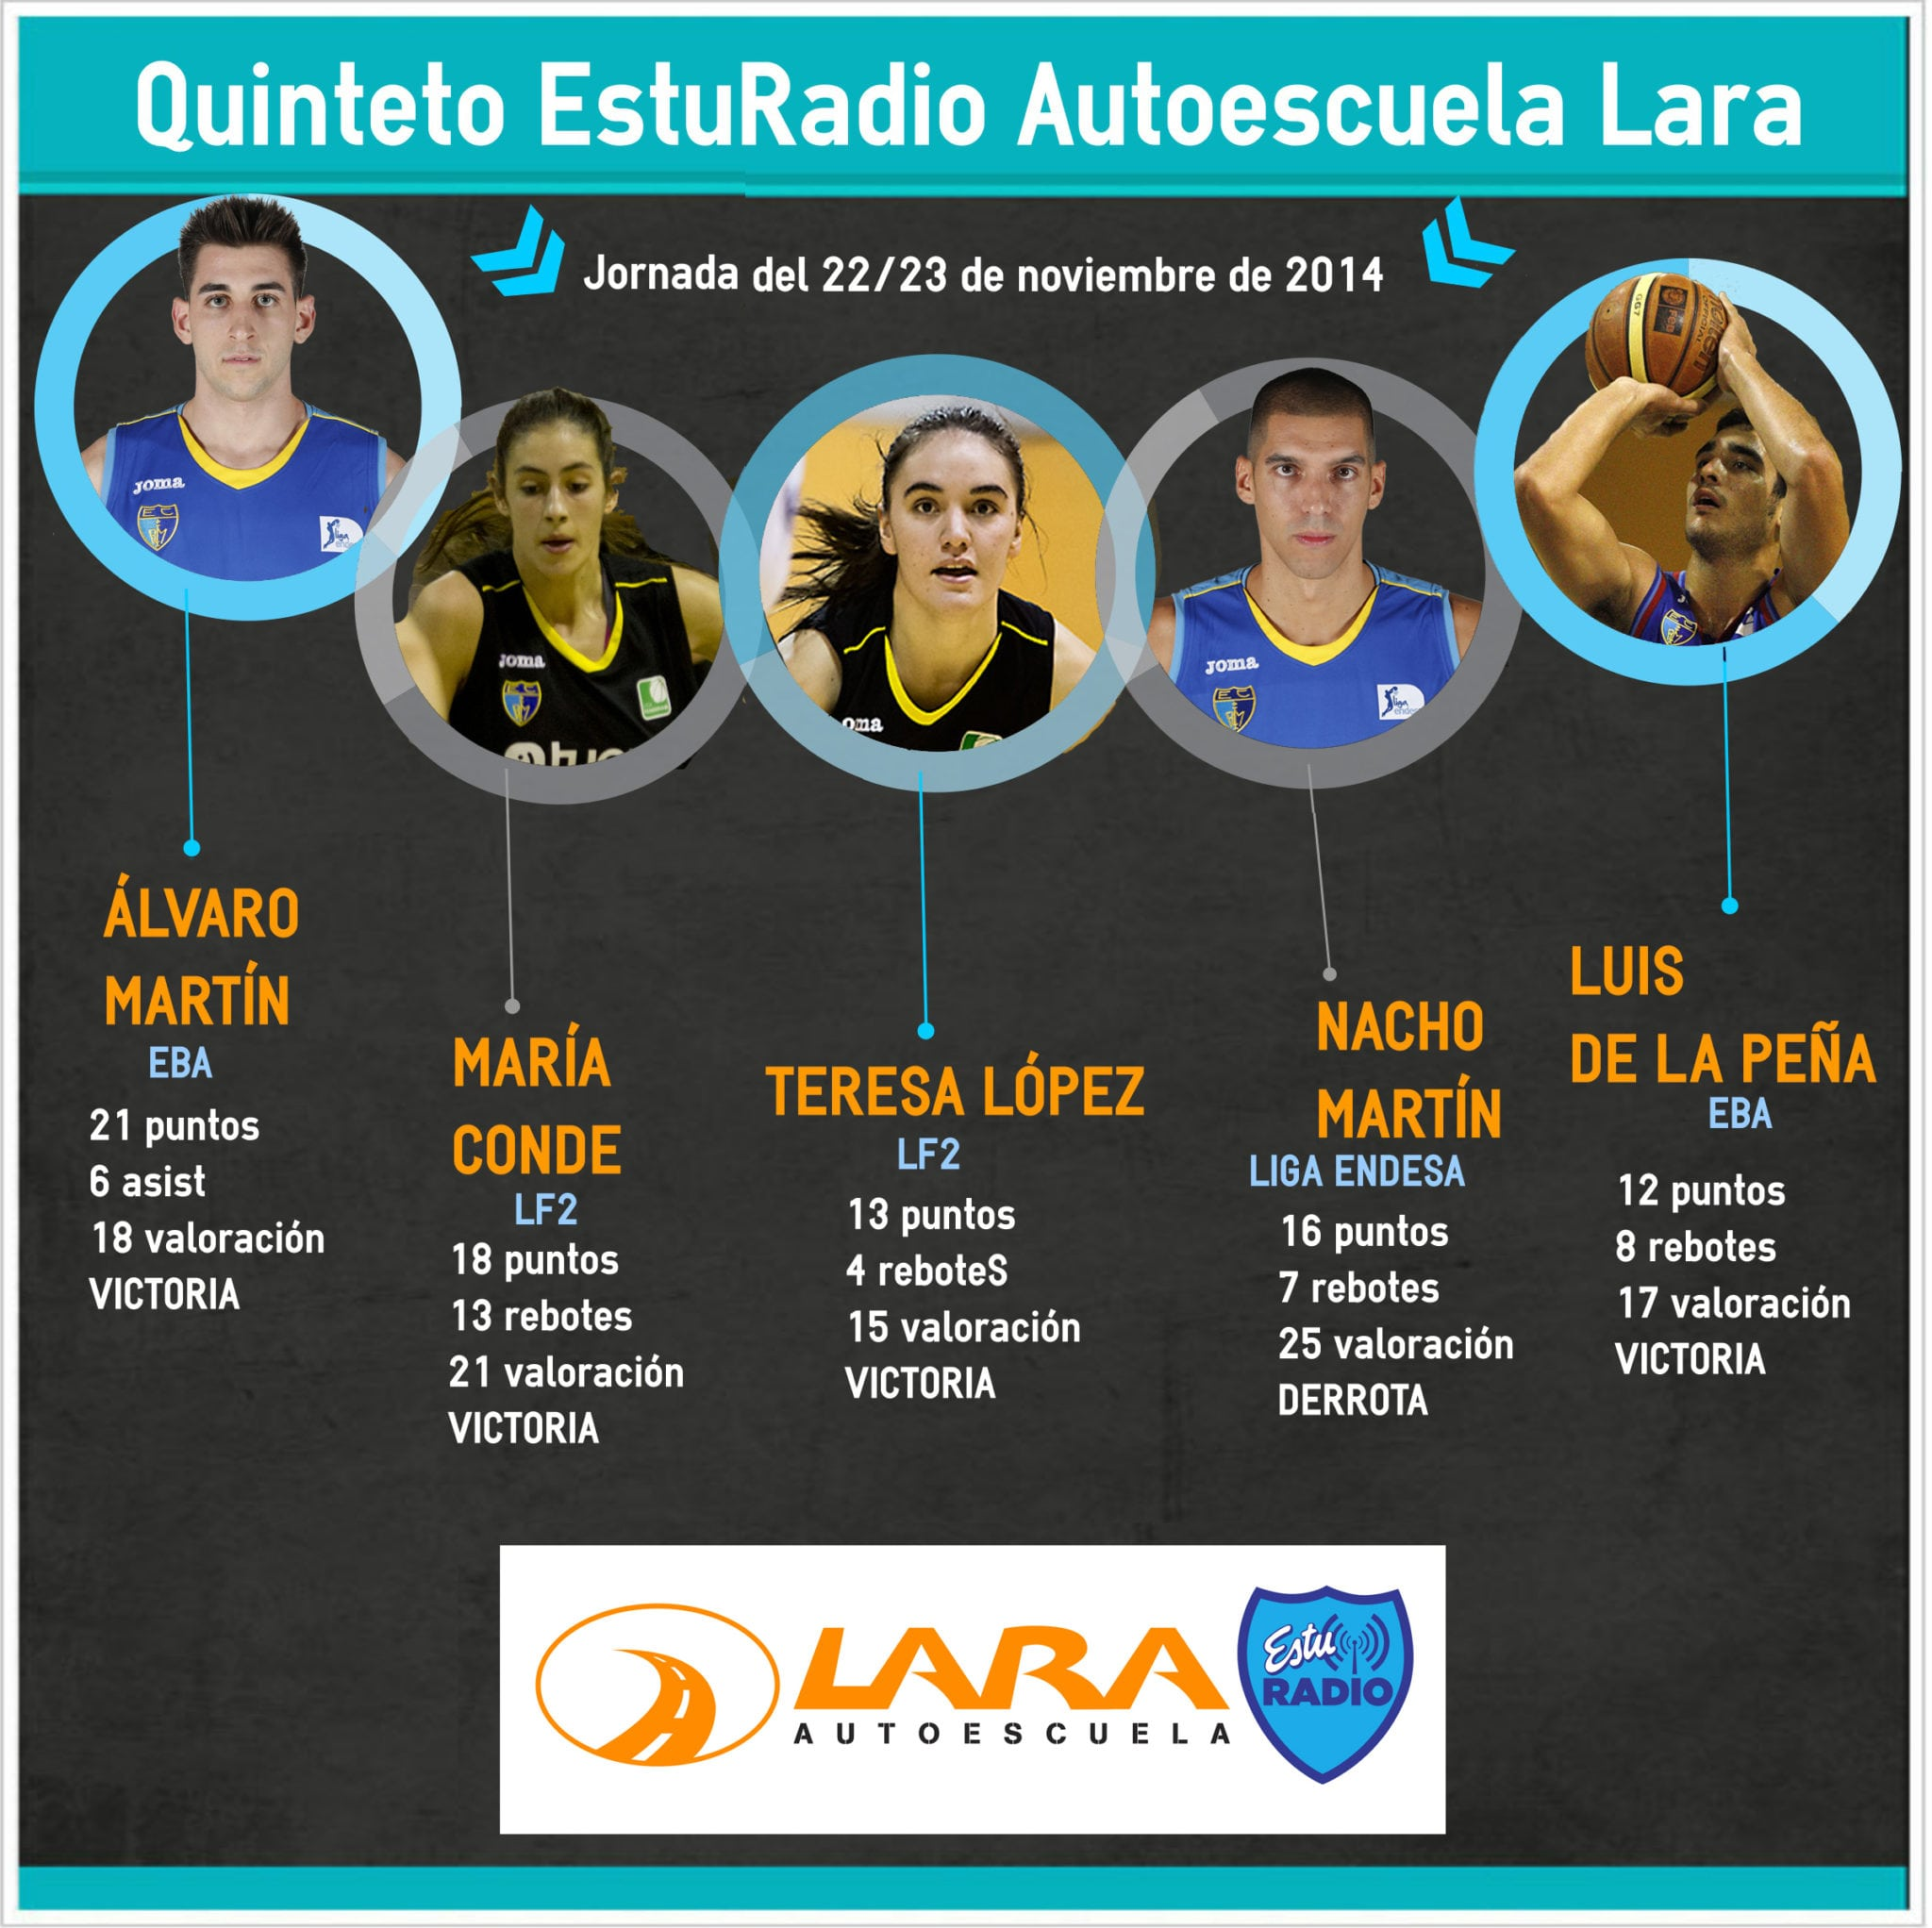 Quinteto Autoescuela Lara EstuRadio: Álvaro Martín, María Conde, Teresa López, Nacho Martín y Luis De La Peña